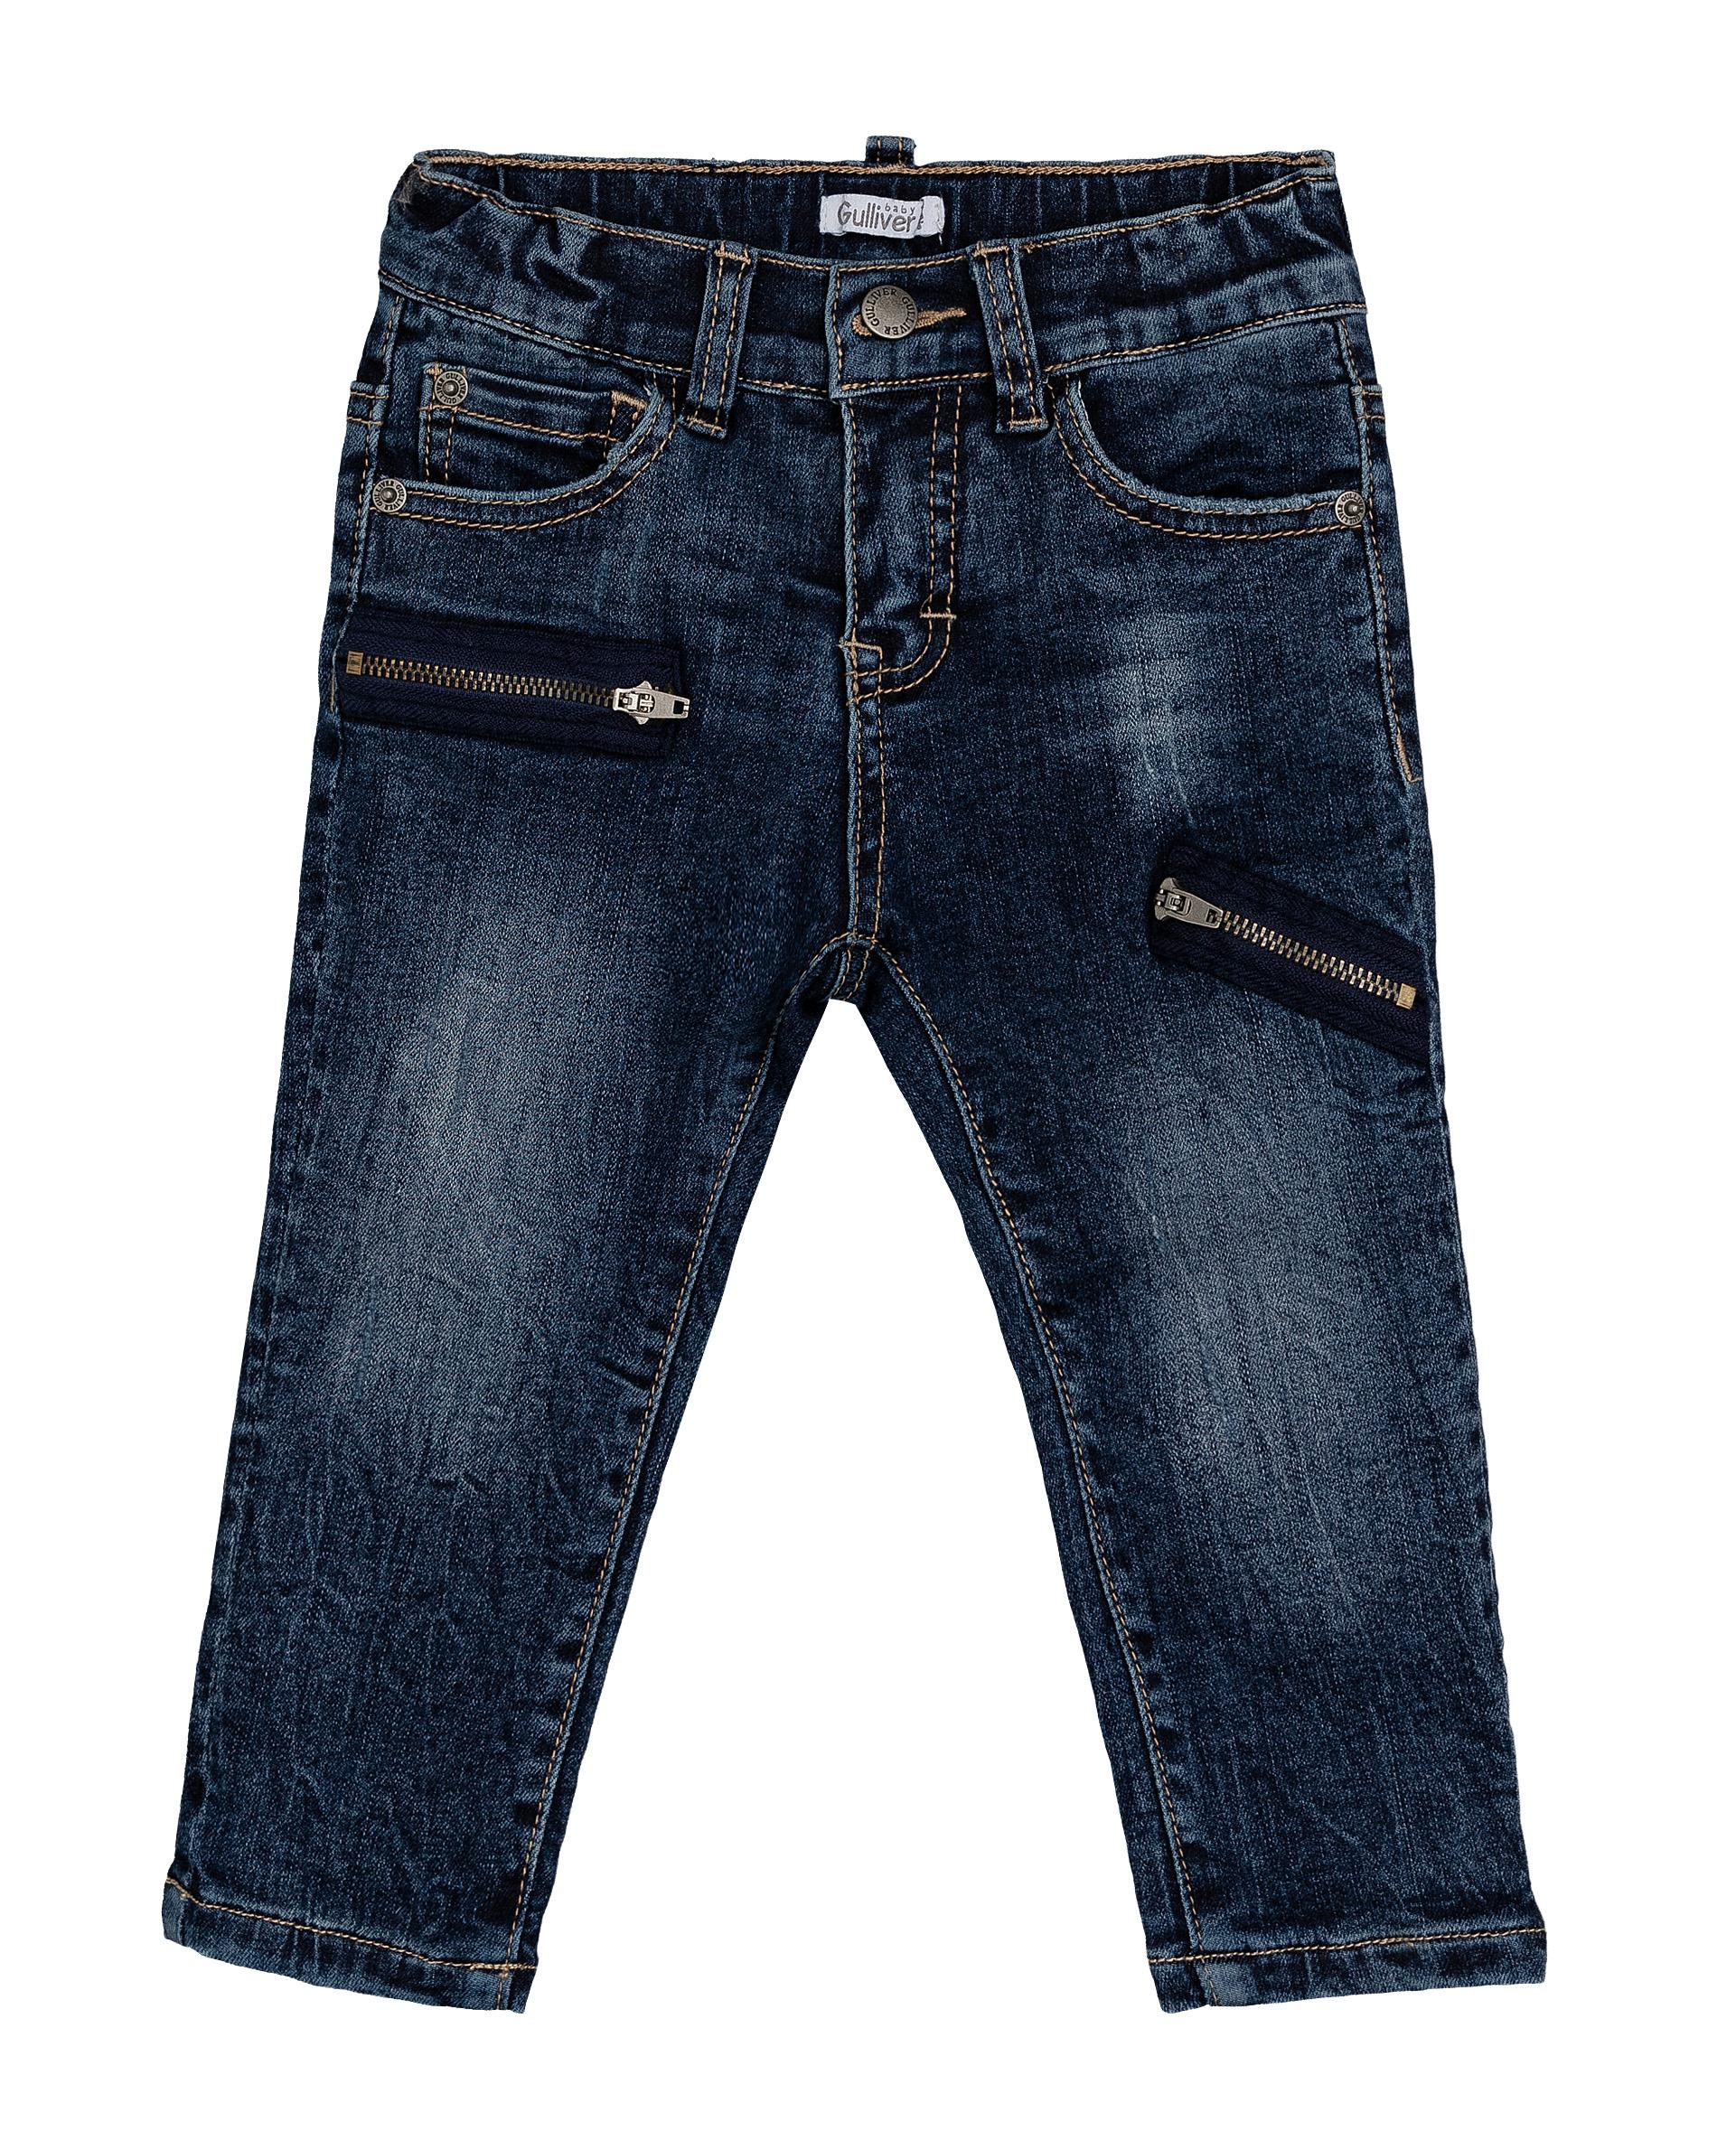 Утепленные джинсы для мальчиков Gulliver, цв. синий, р.74